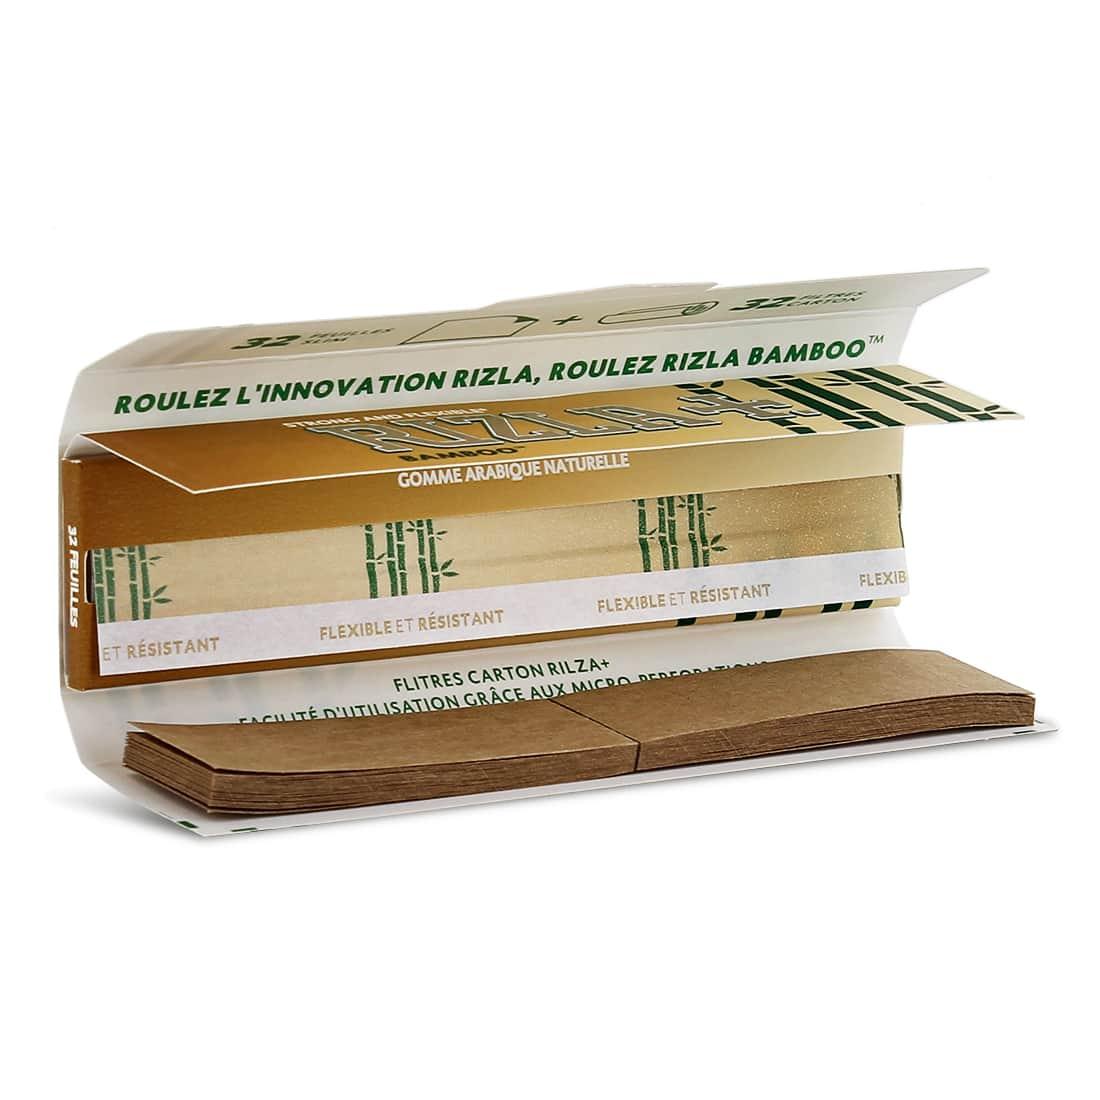 Photo #1 de Papier à rouler Rizla + Bamboo Slim et Tips x 1